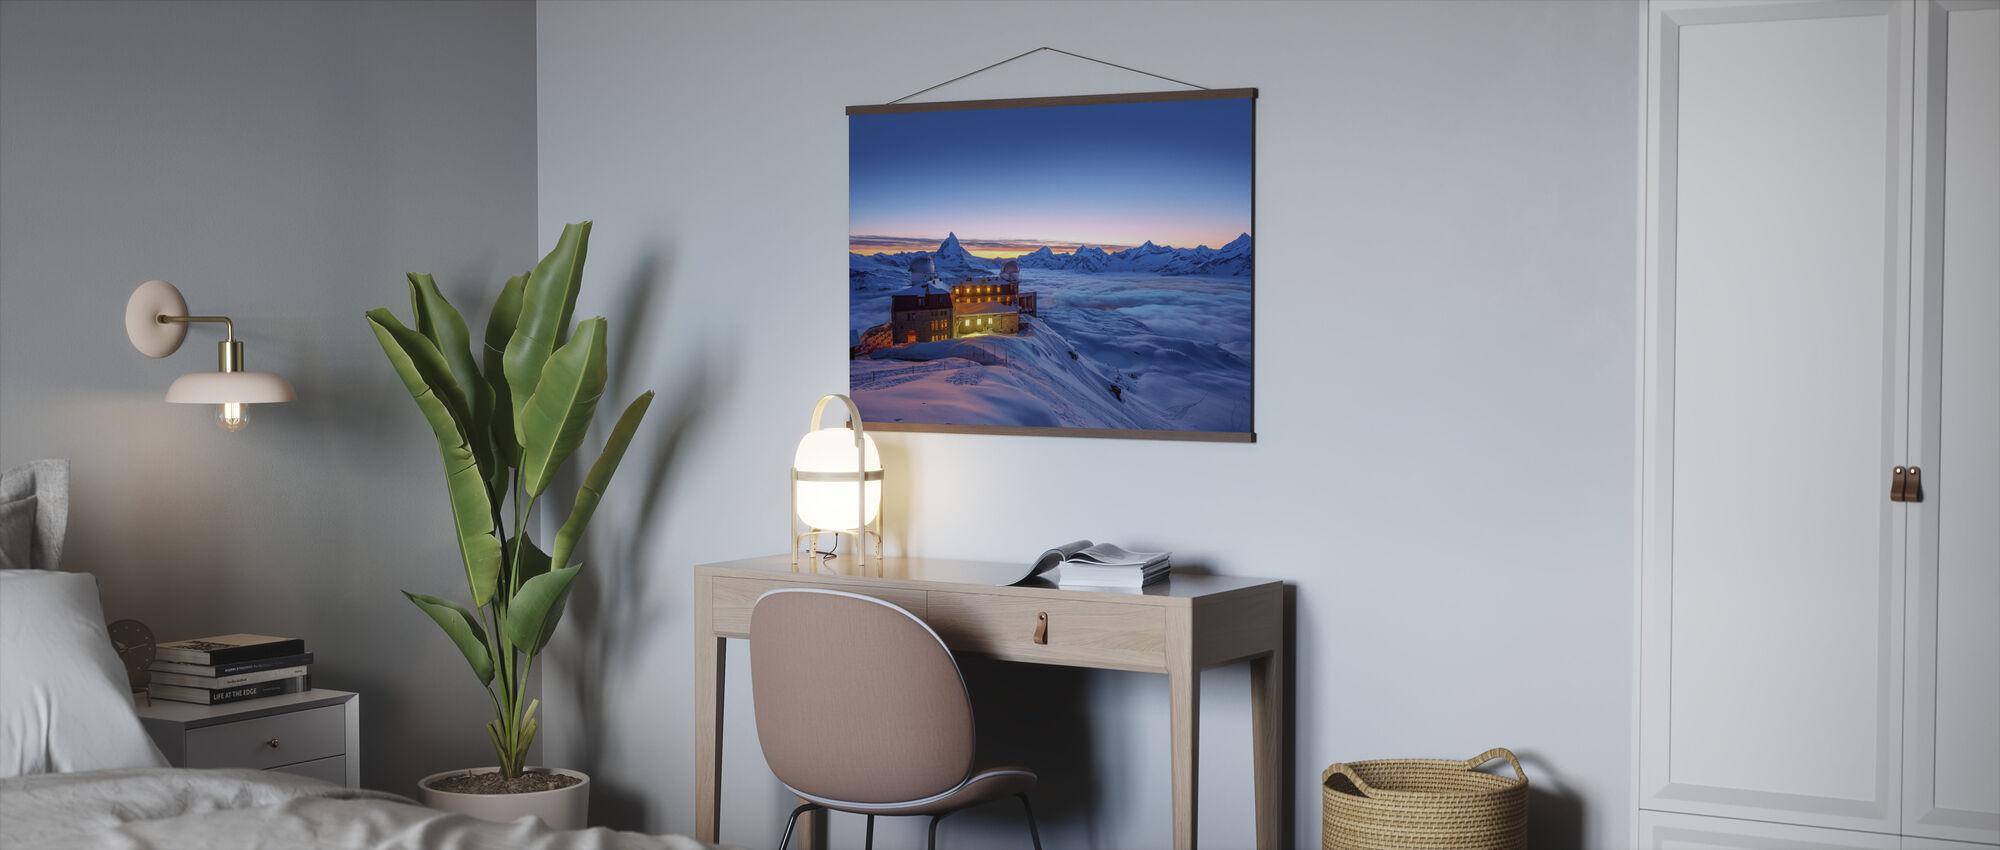 Twilight Stay at Matterhorn Peak - Poster - Office